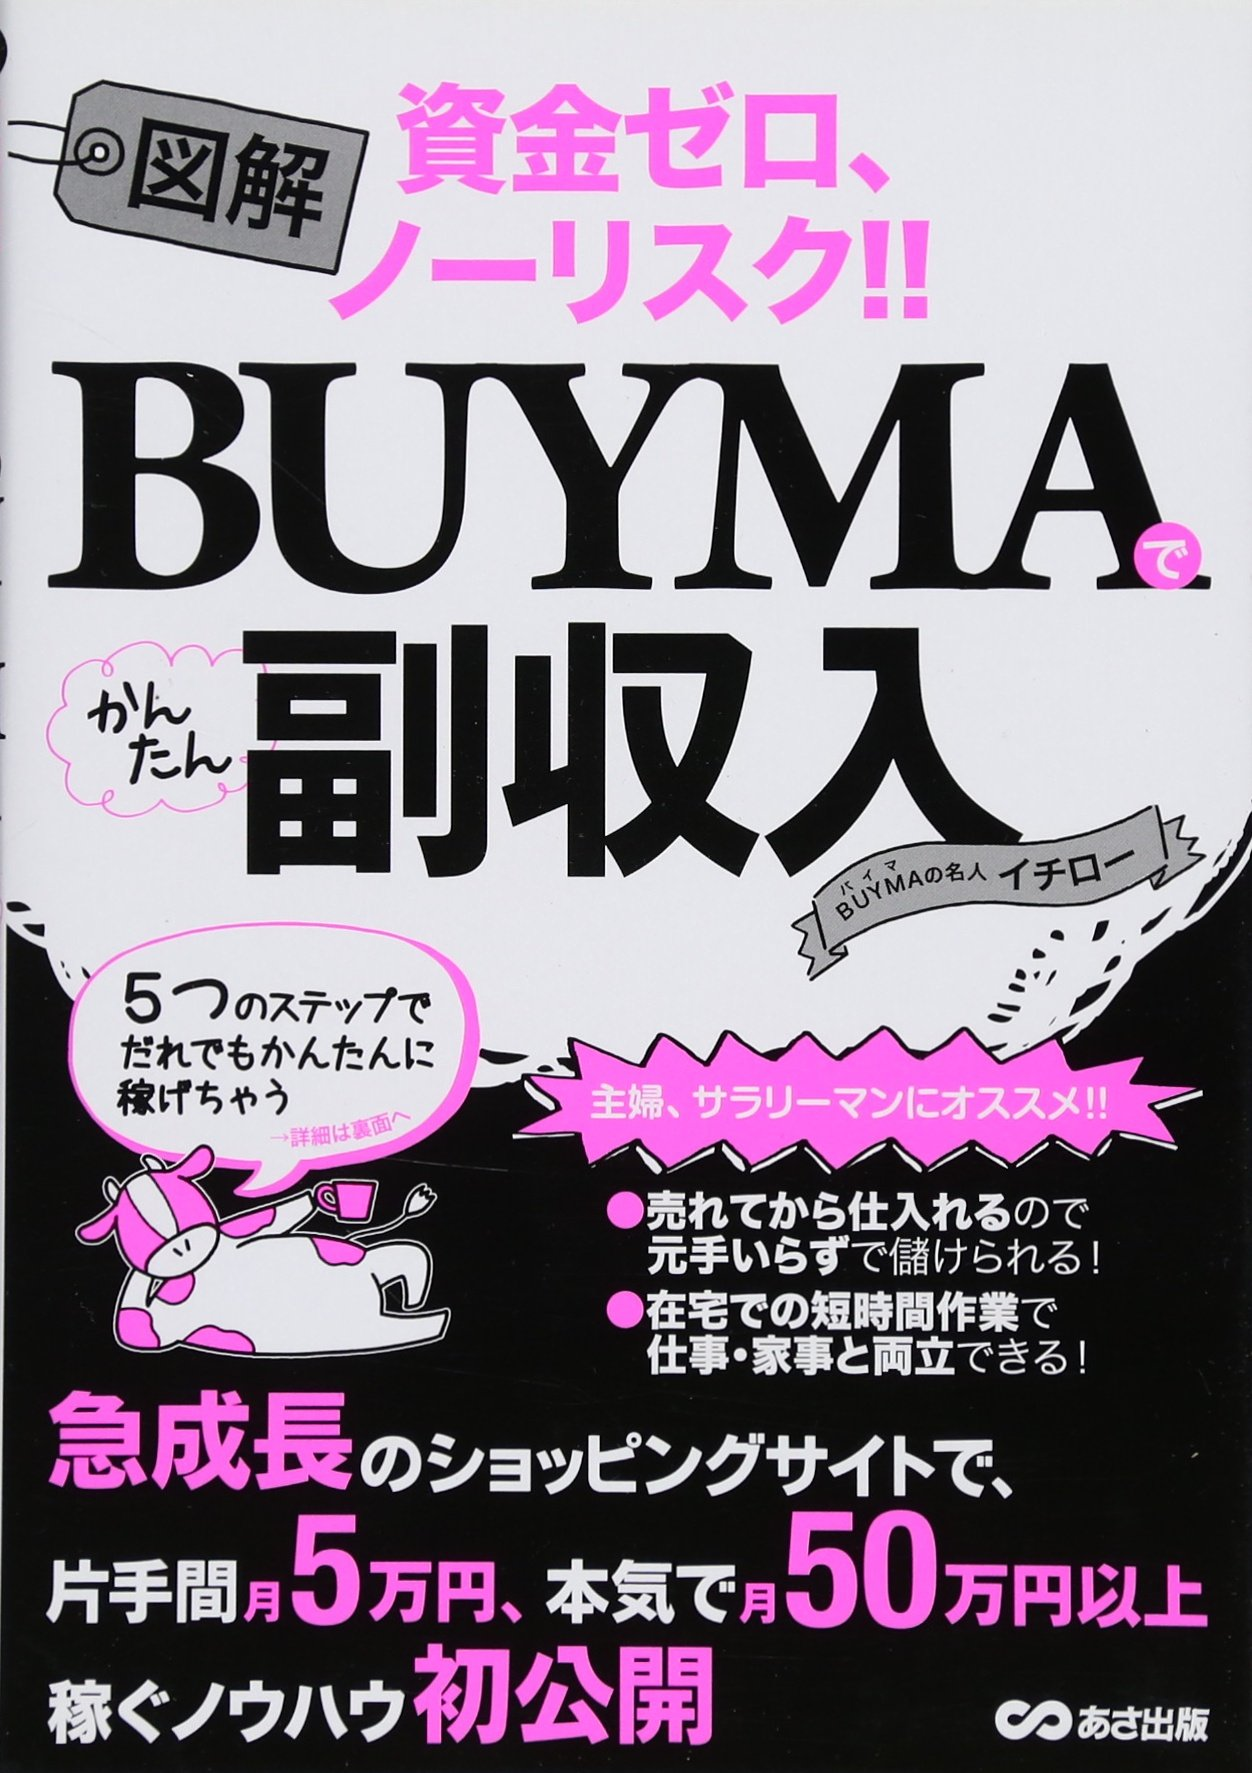 Zukai baima de kantan fukushunyu : Shikin zero no risuku. pdf